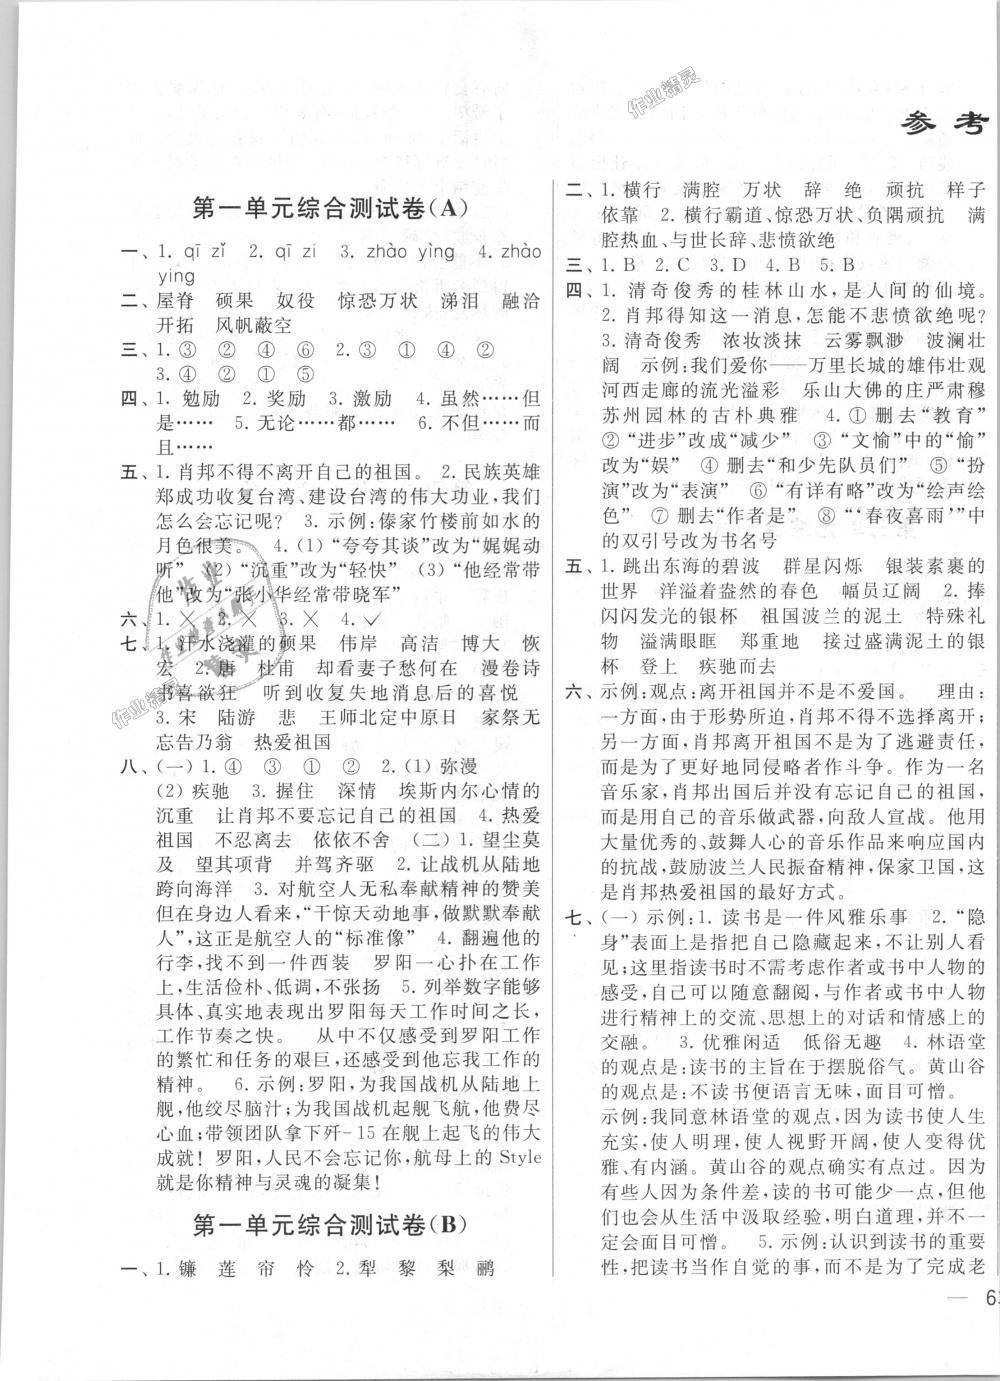 2018年亮点给力大试卷六年级语文上册江苏版第1页